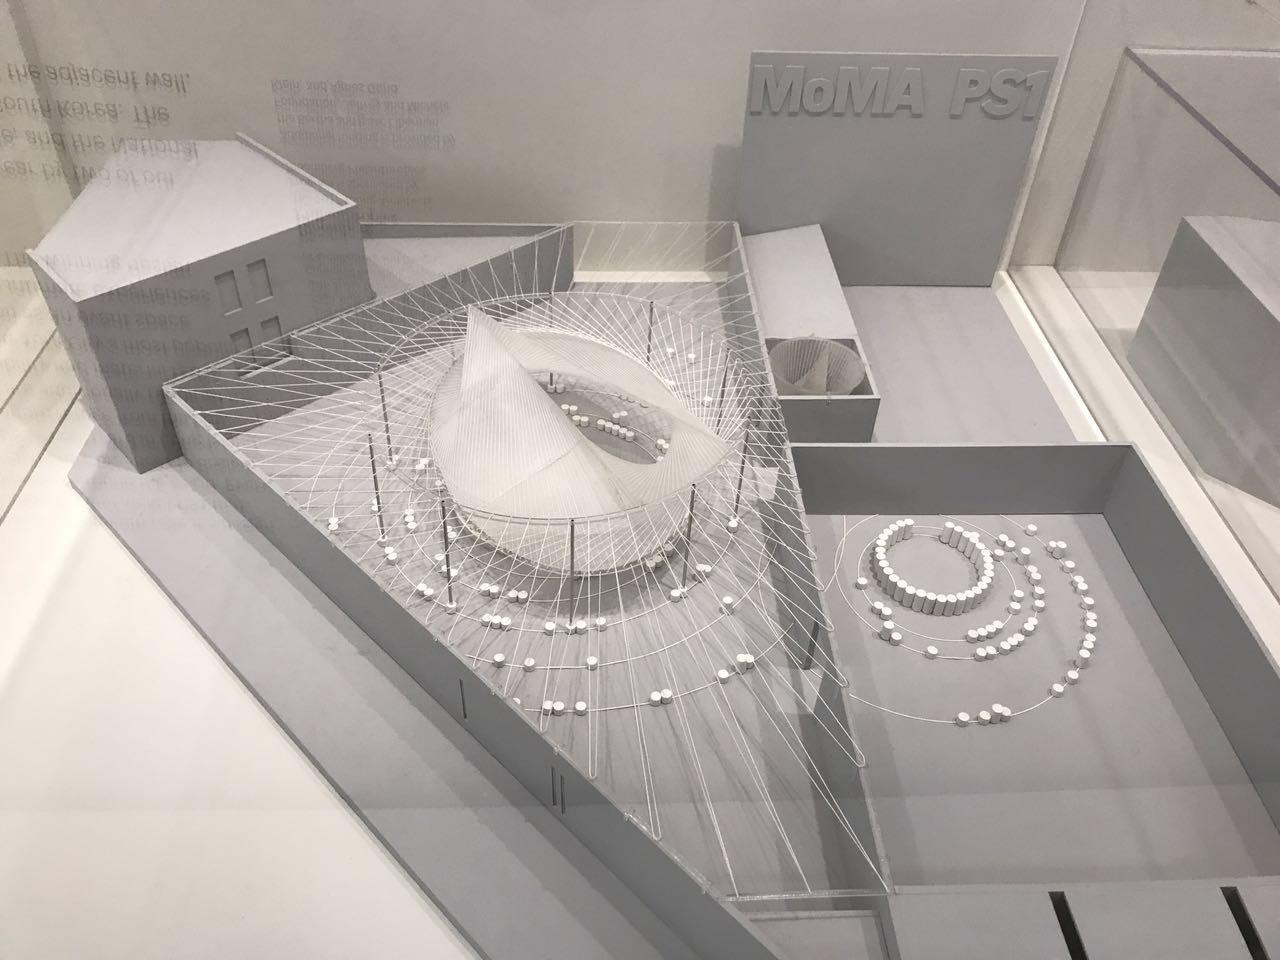 MOMA Architecture